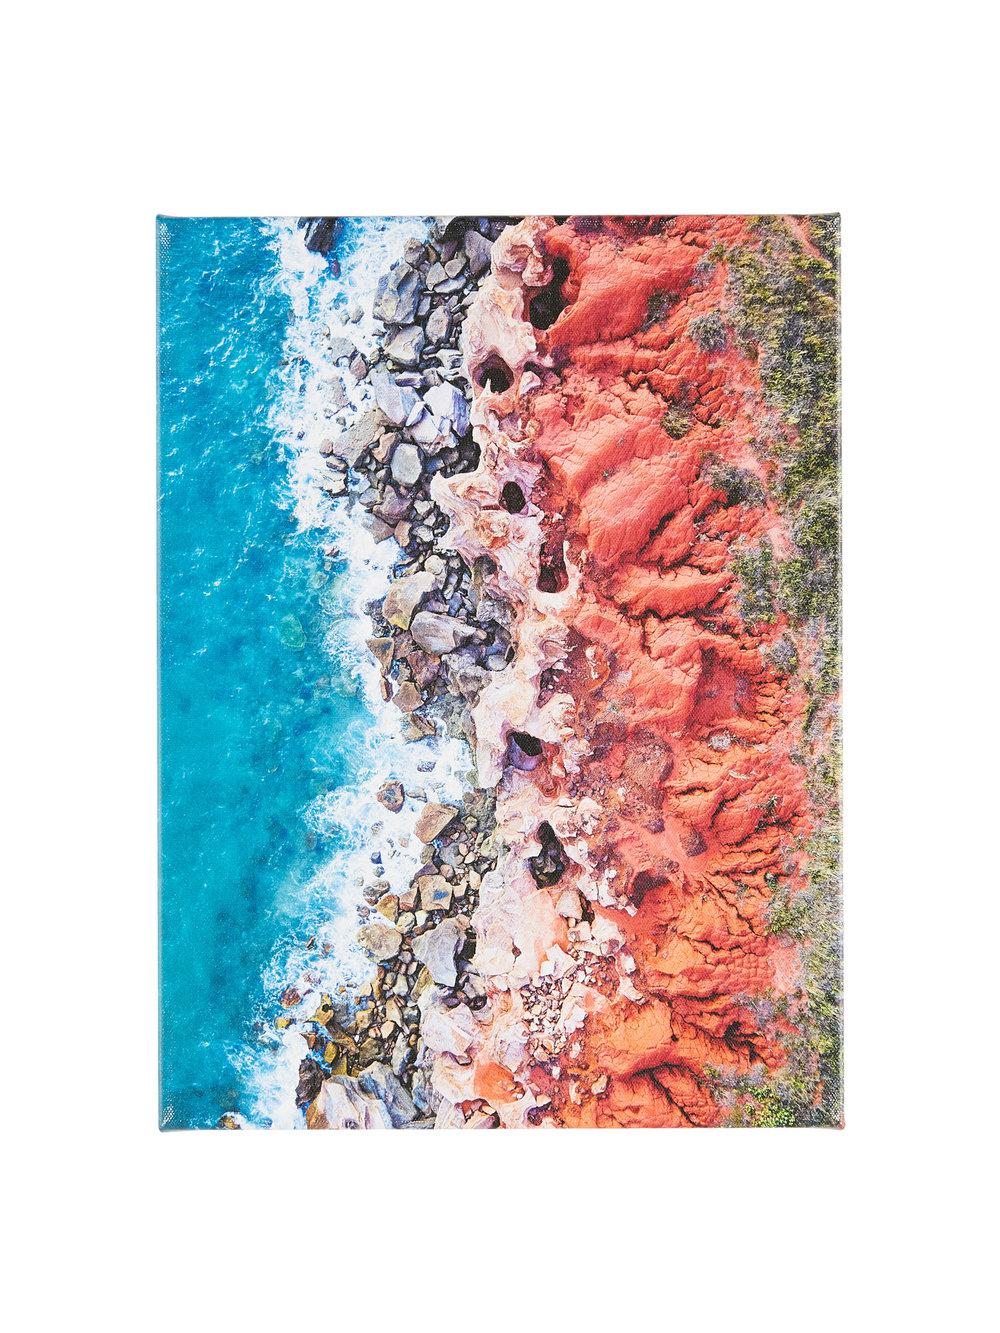 Salty Prints-73.jpg